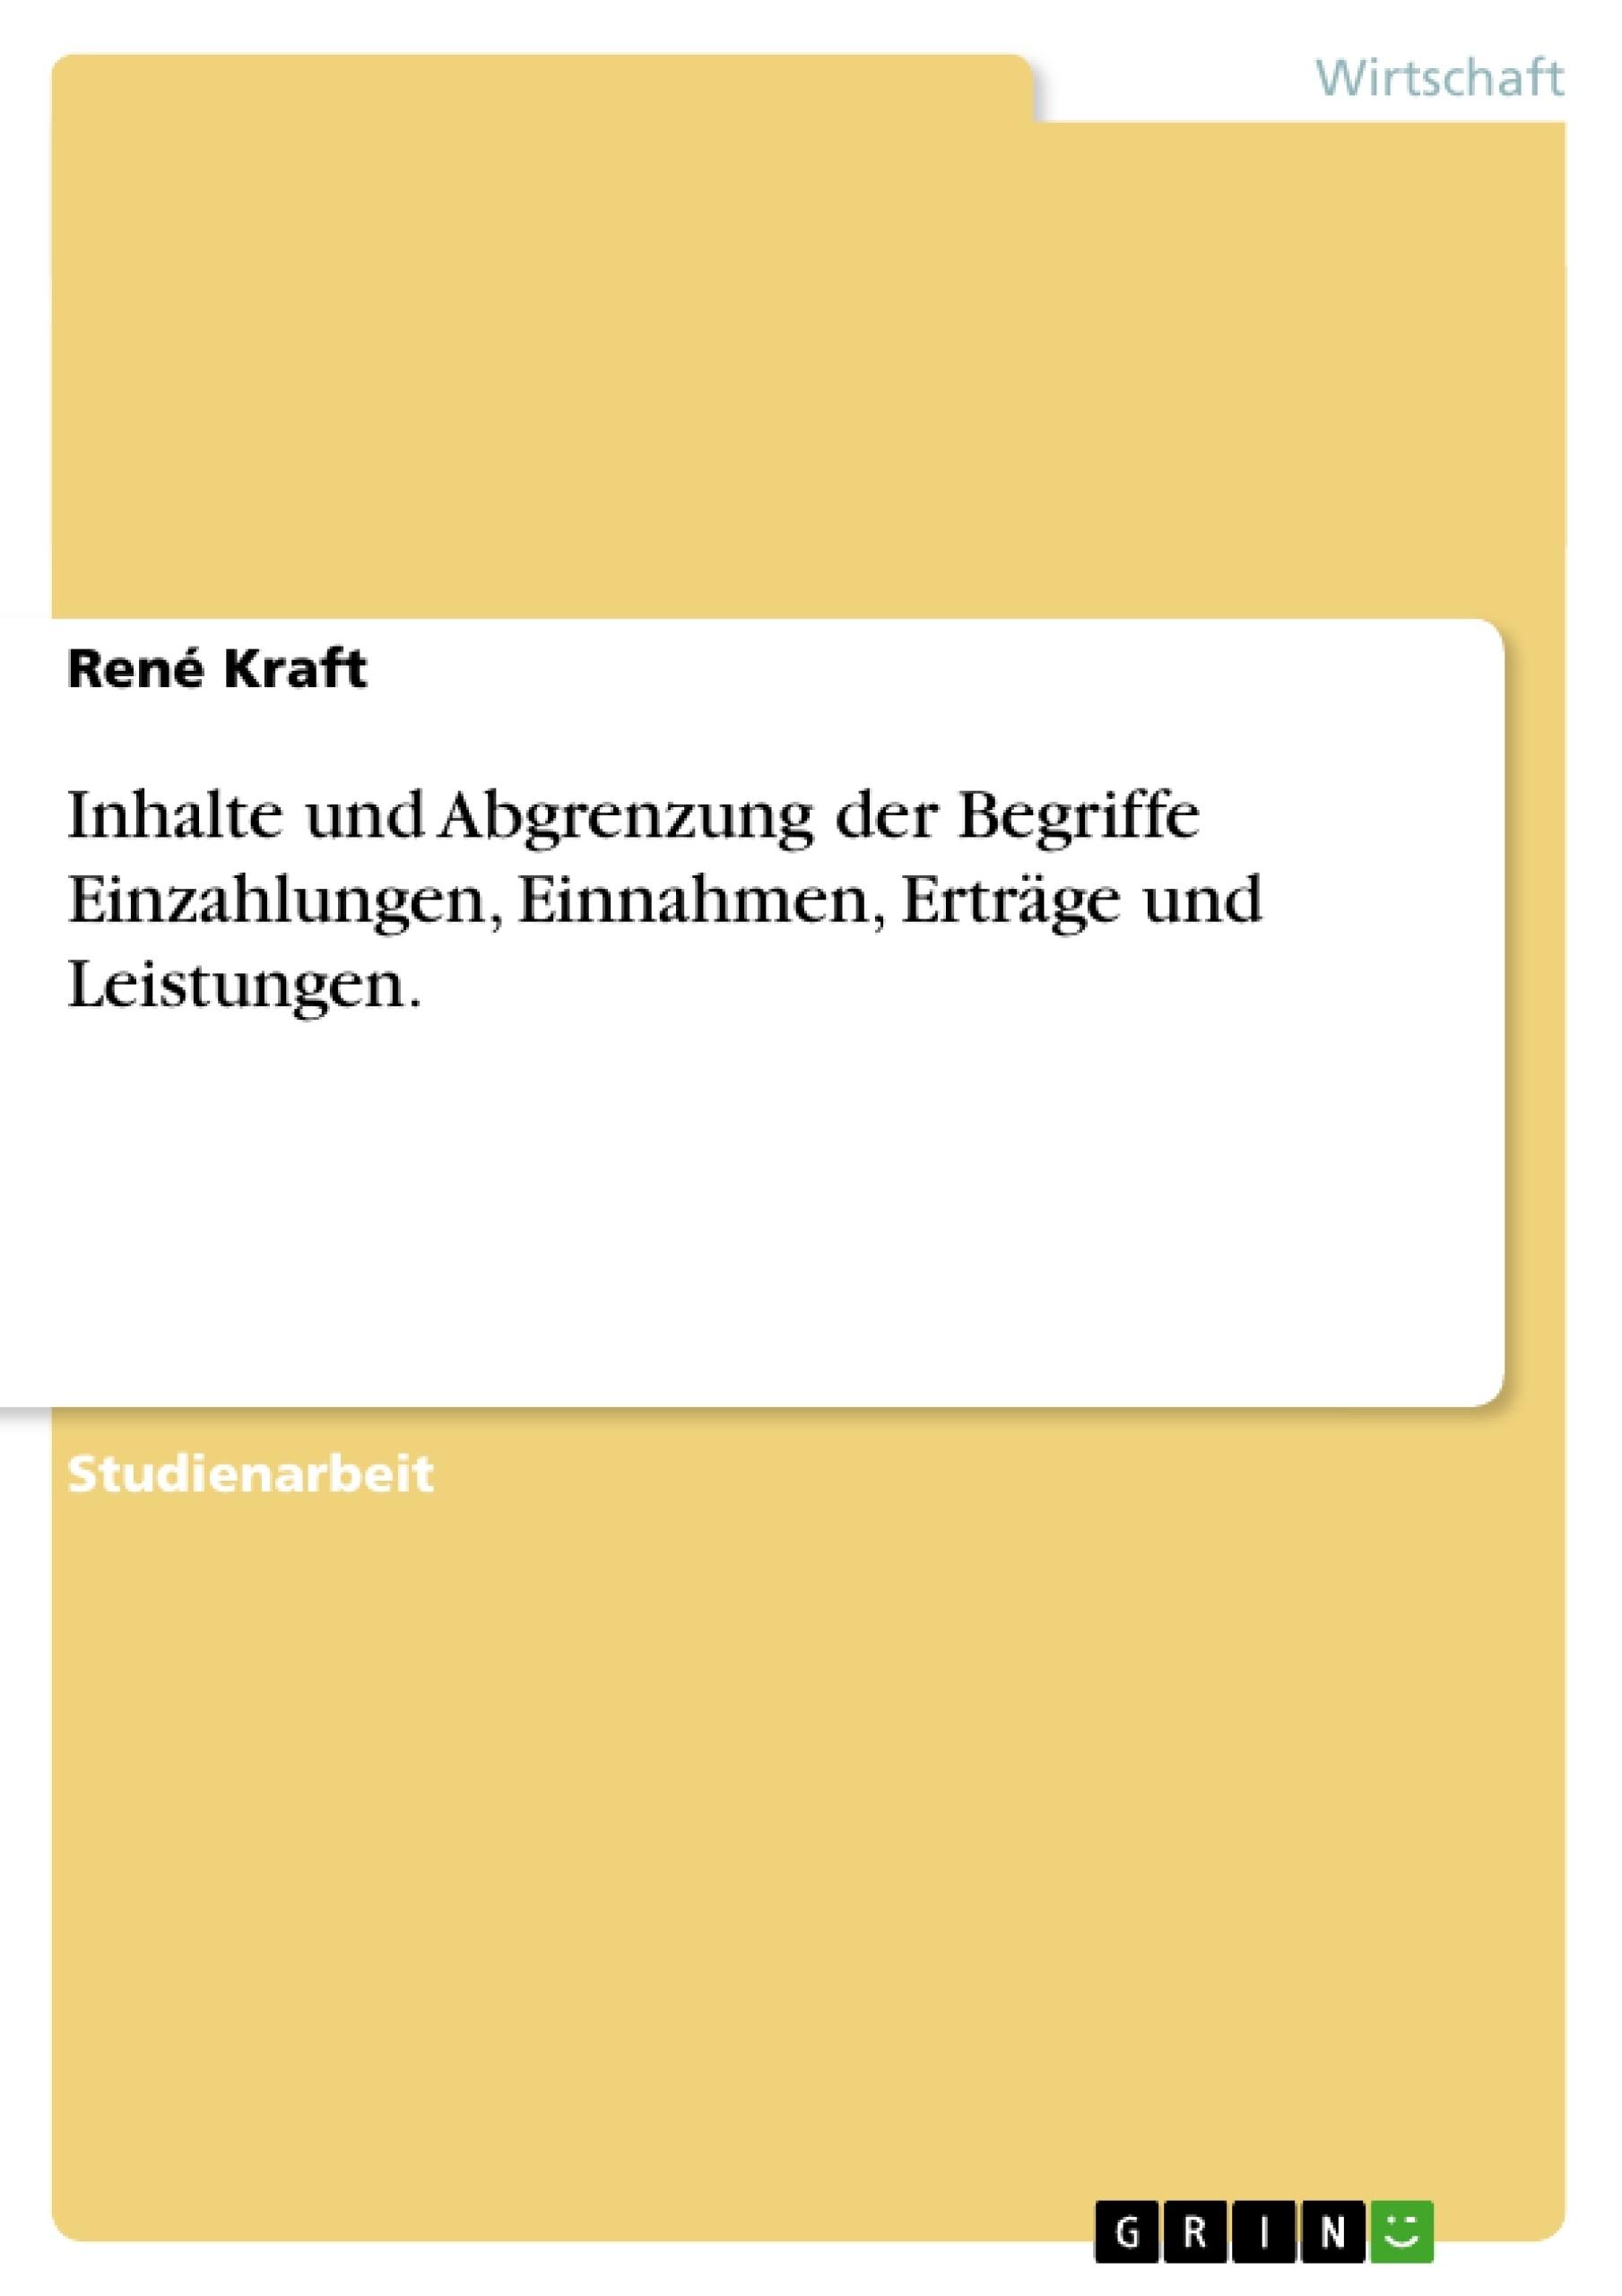 Titel: Inhalte und Abgrenzung der Begriffe Einzahlungen, Einnahmen, Erträge und Leistungen.